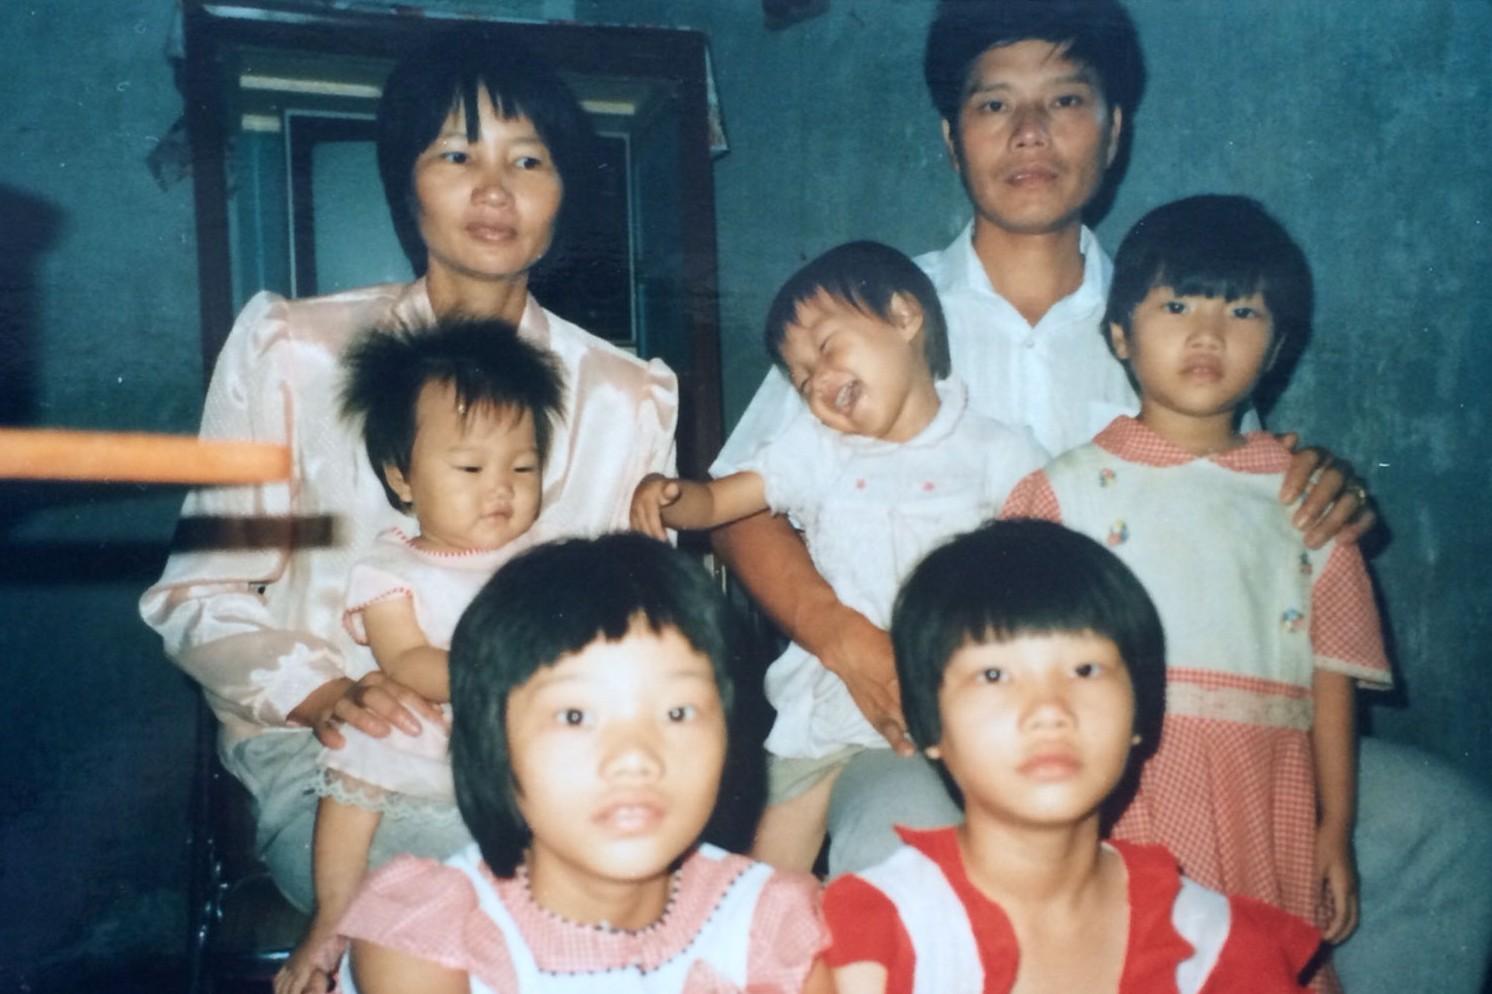 2-wong-family-2-e1449779844291.jpg